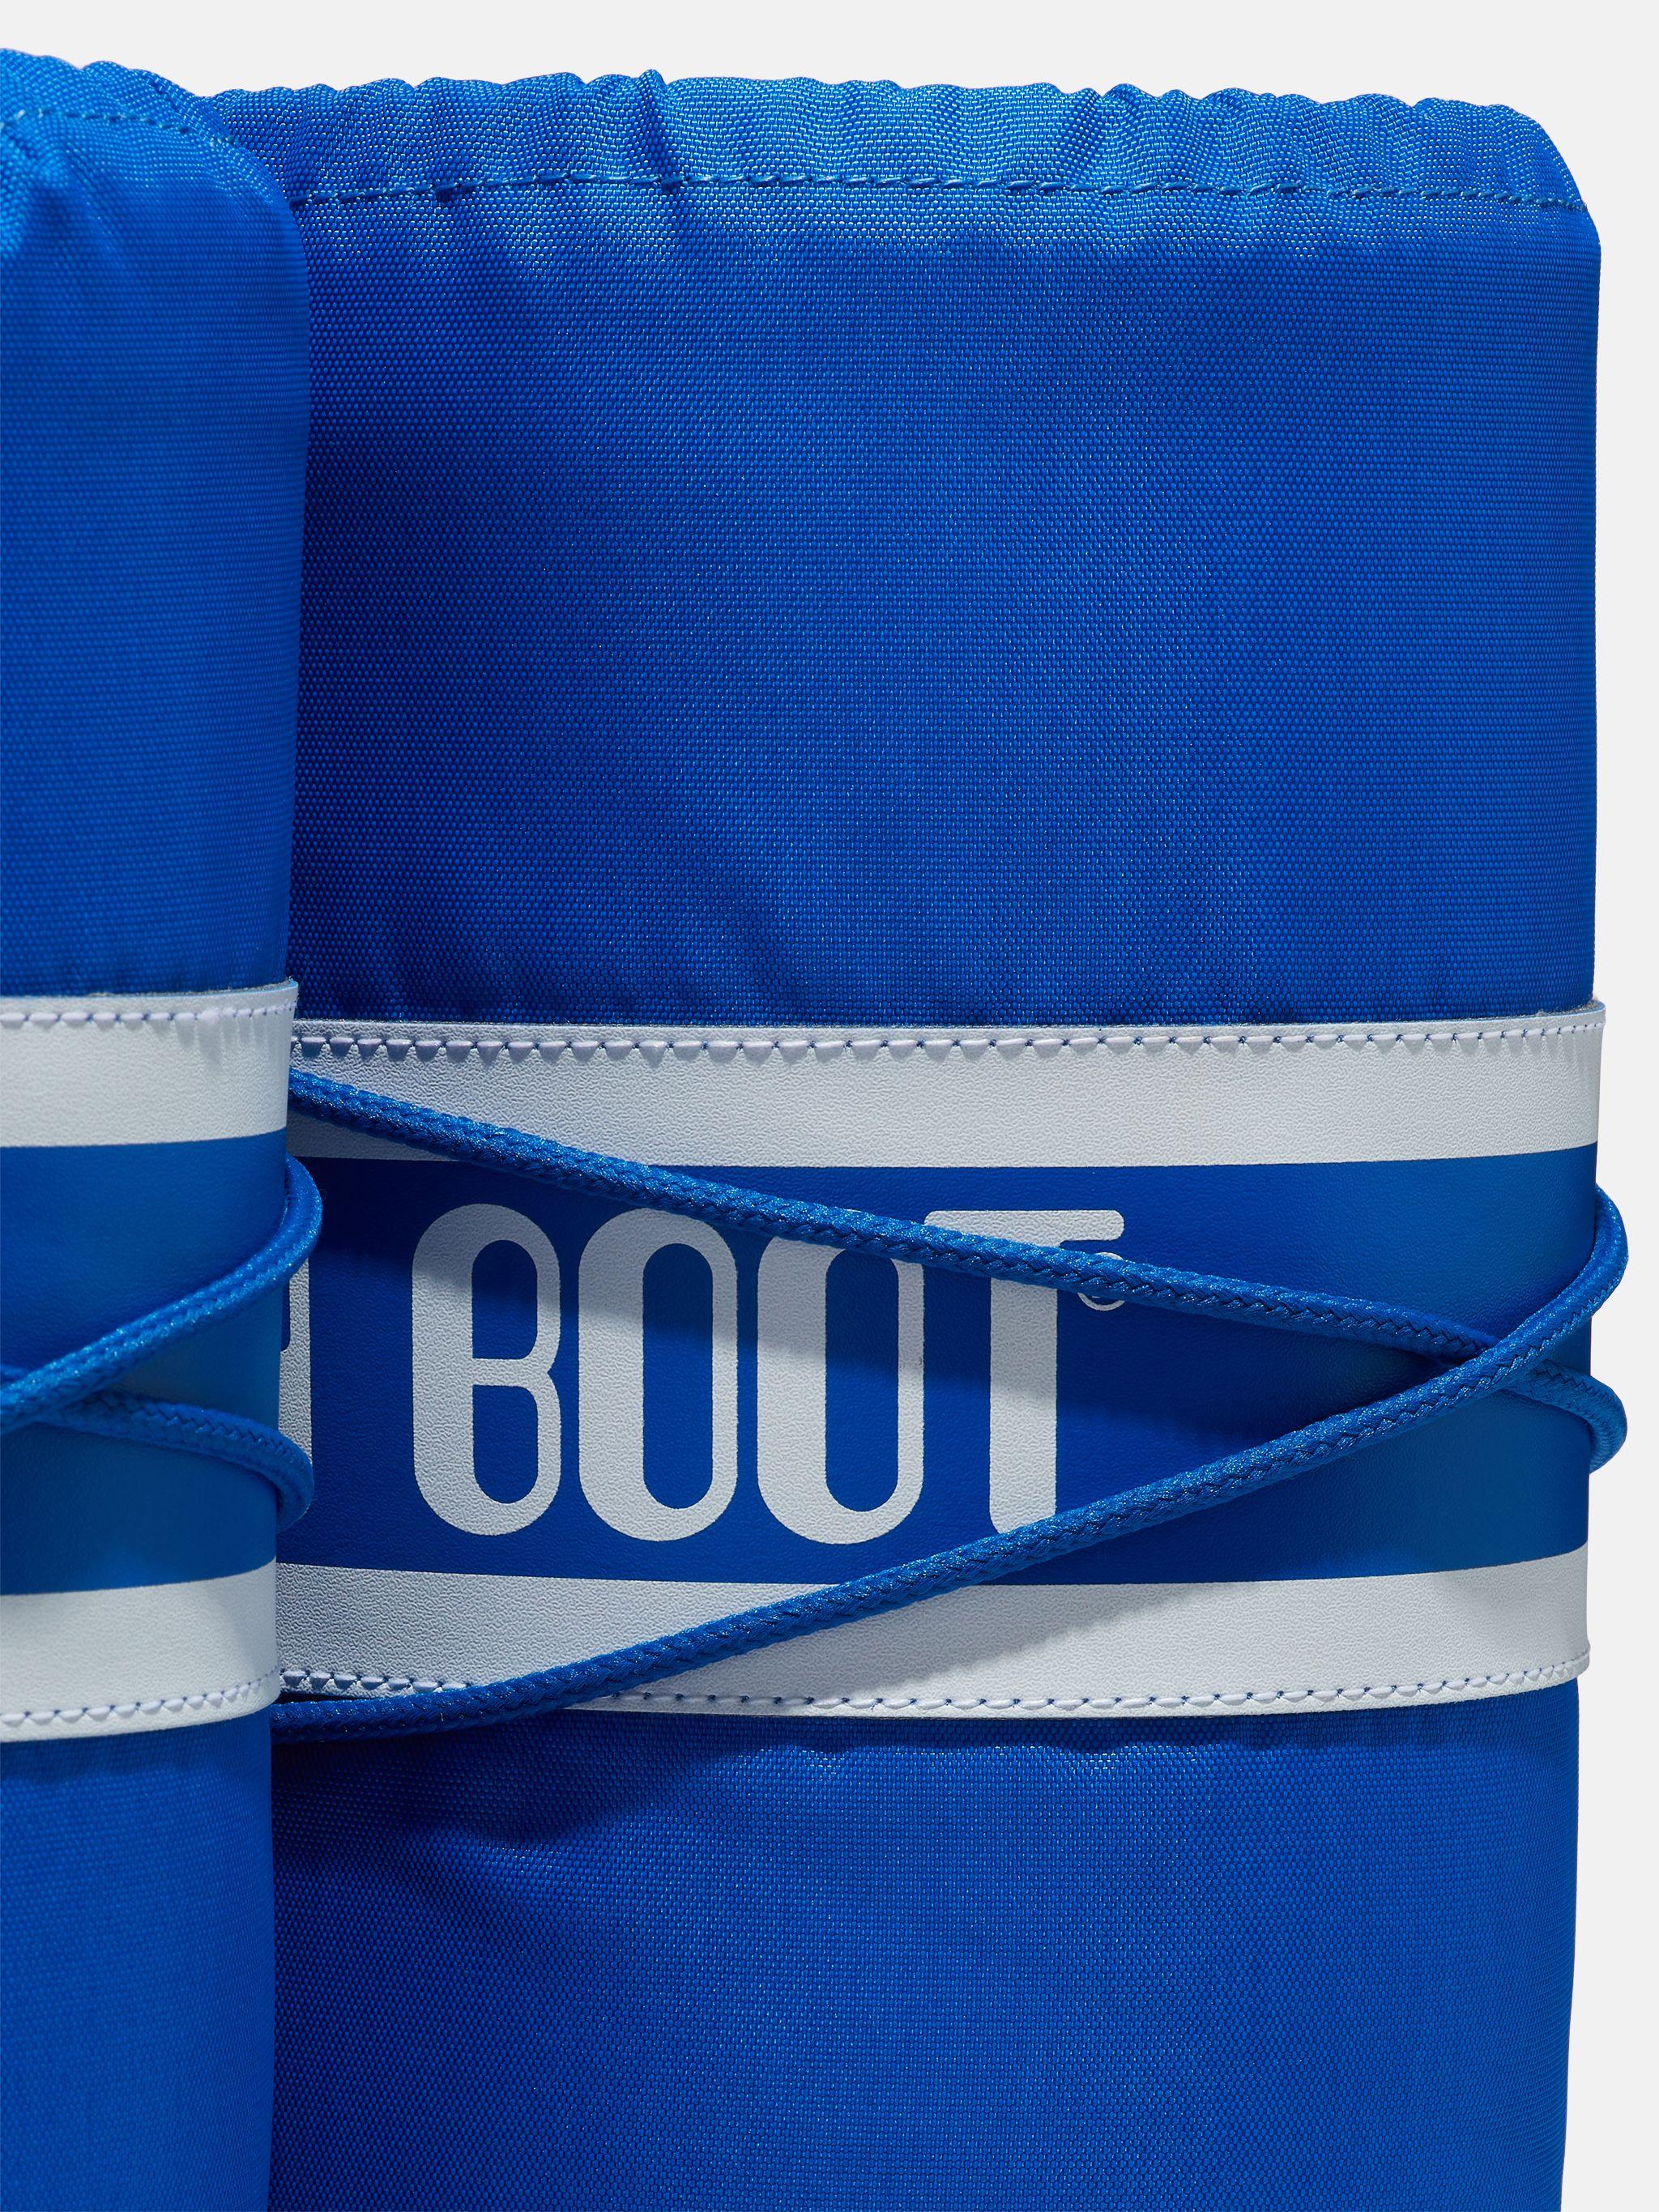 BOTAS ICON ELECTRIC-BLUE DE NAILON